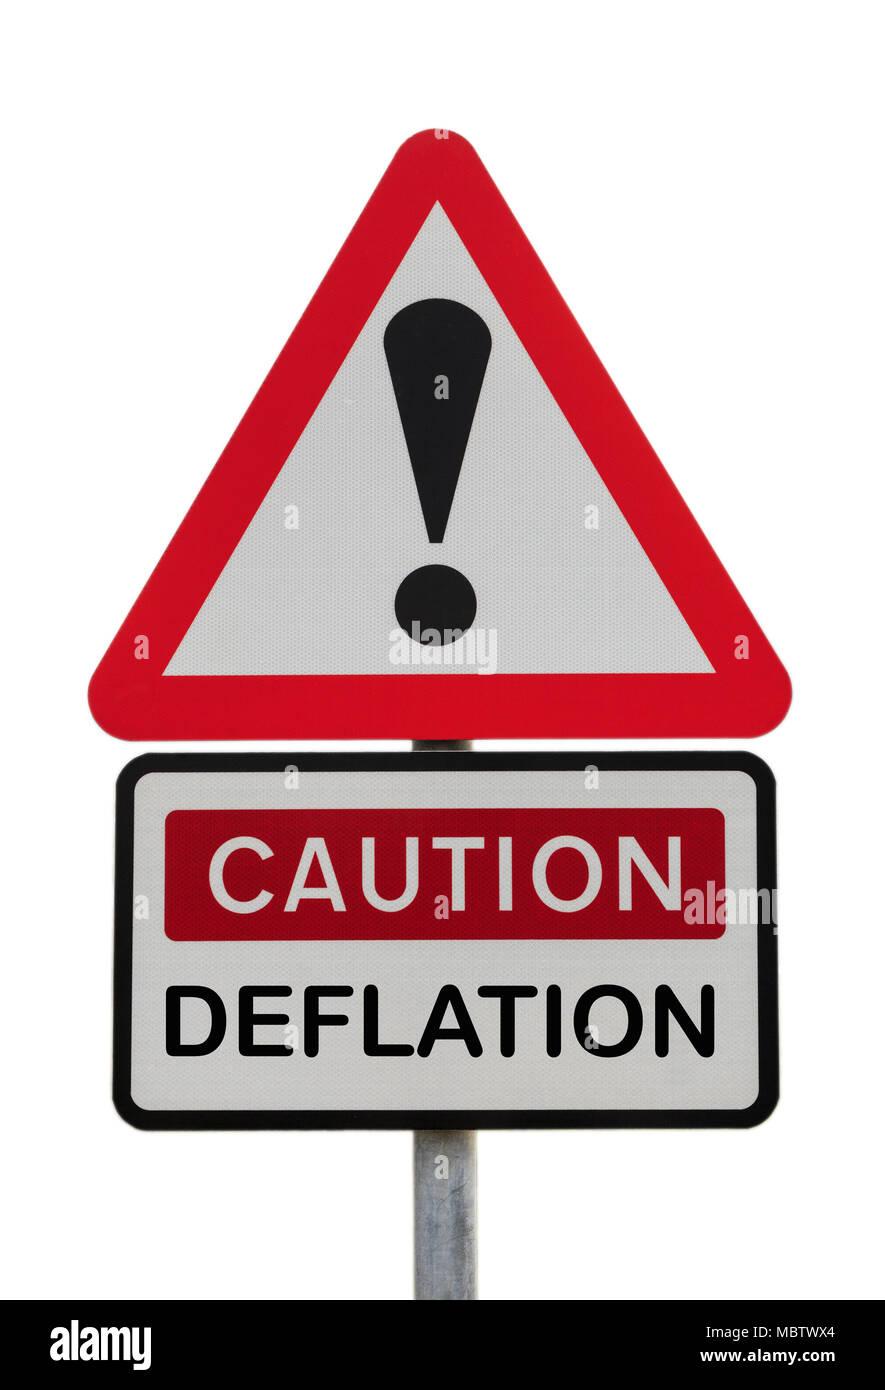 Signe triangulaire Avertissement Attention La déflation avec point d'exclamation pour illustrer l'avenir financier concept. UK, Grande-Bretagne, Europe Photo Stock